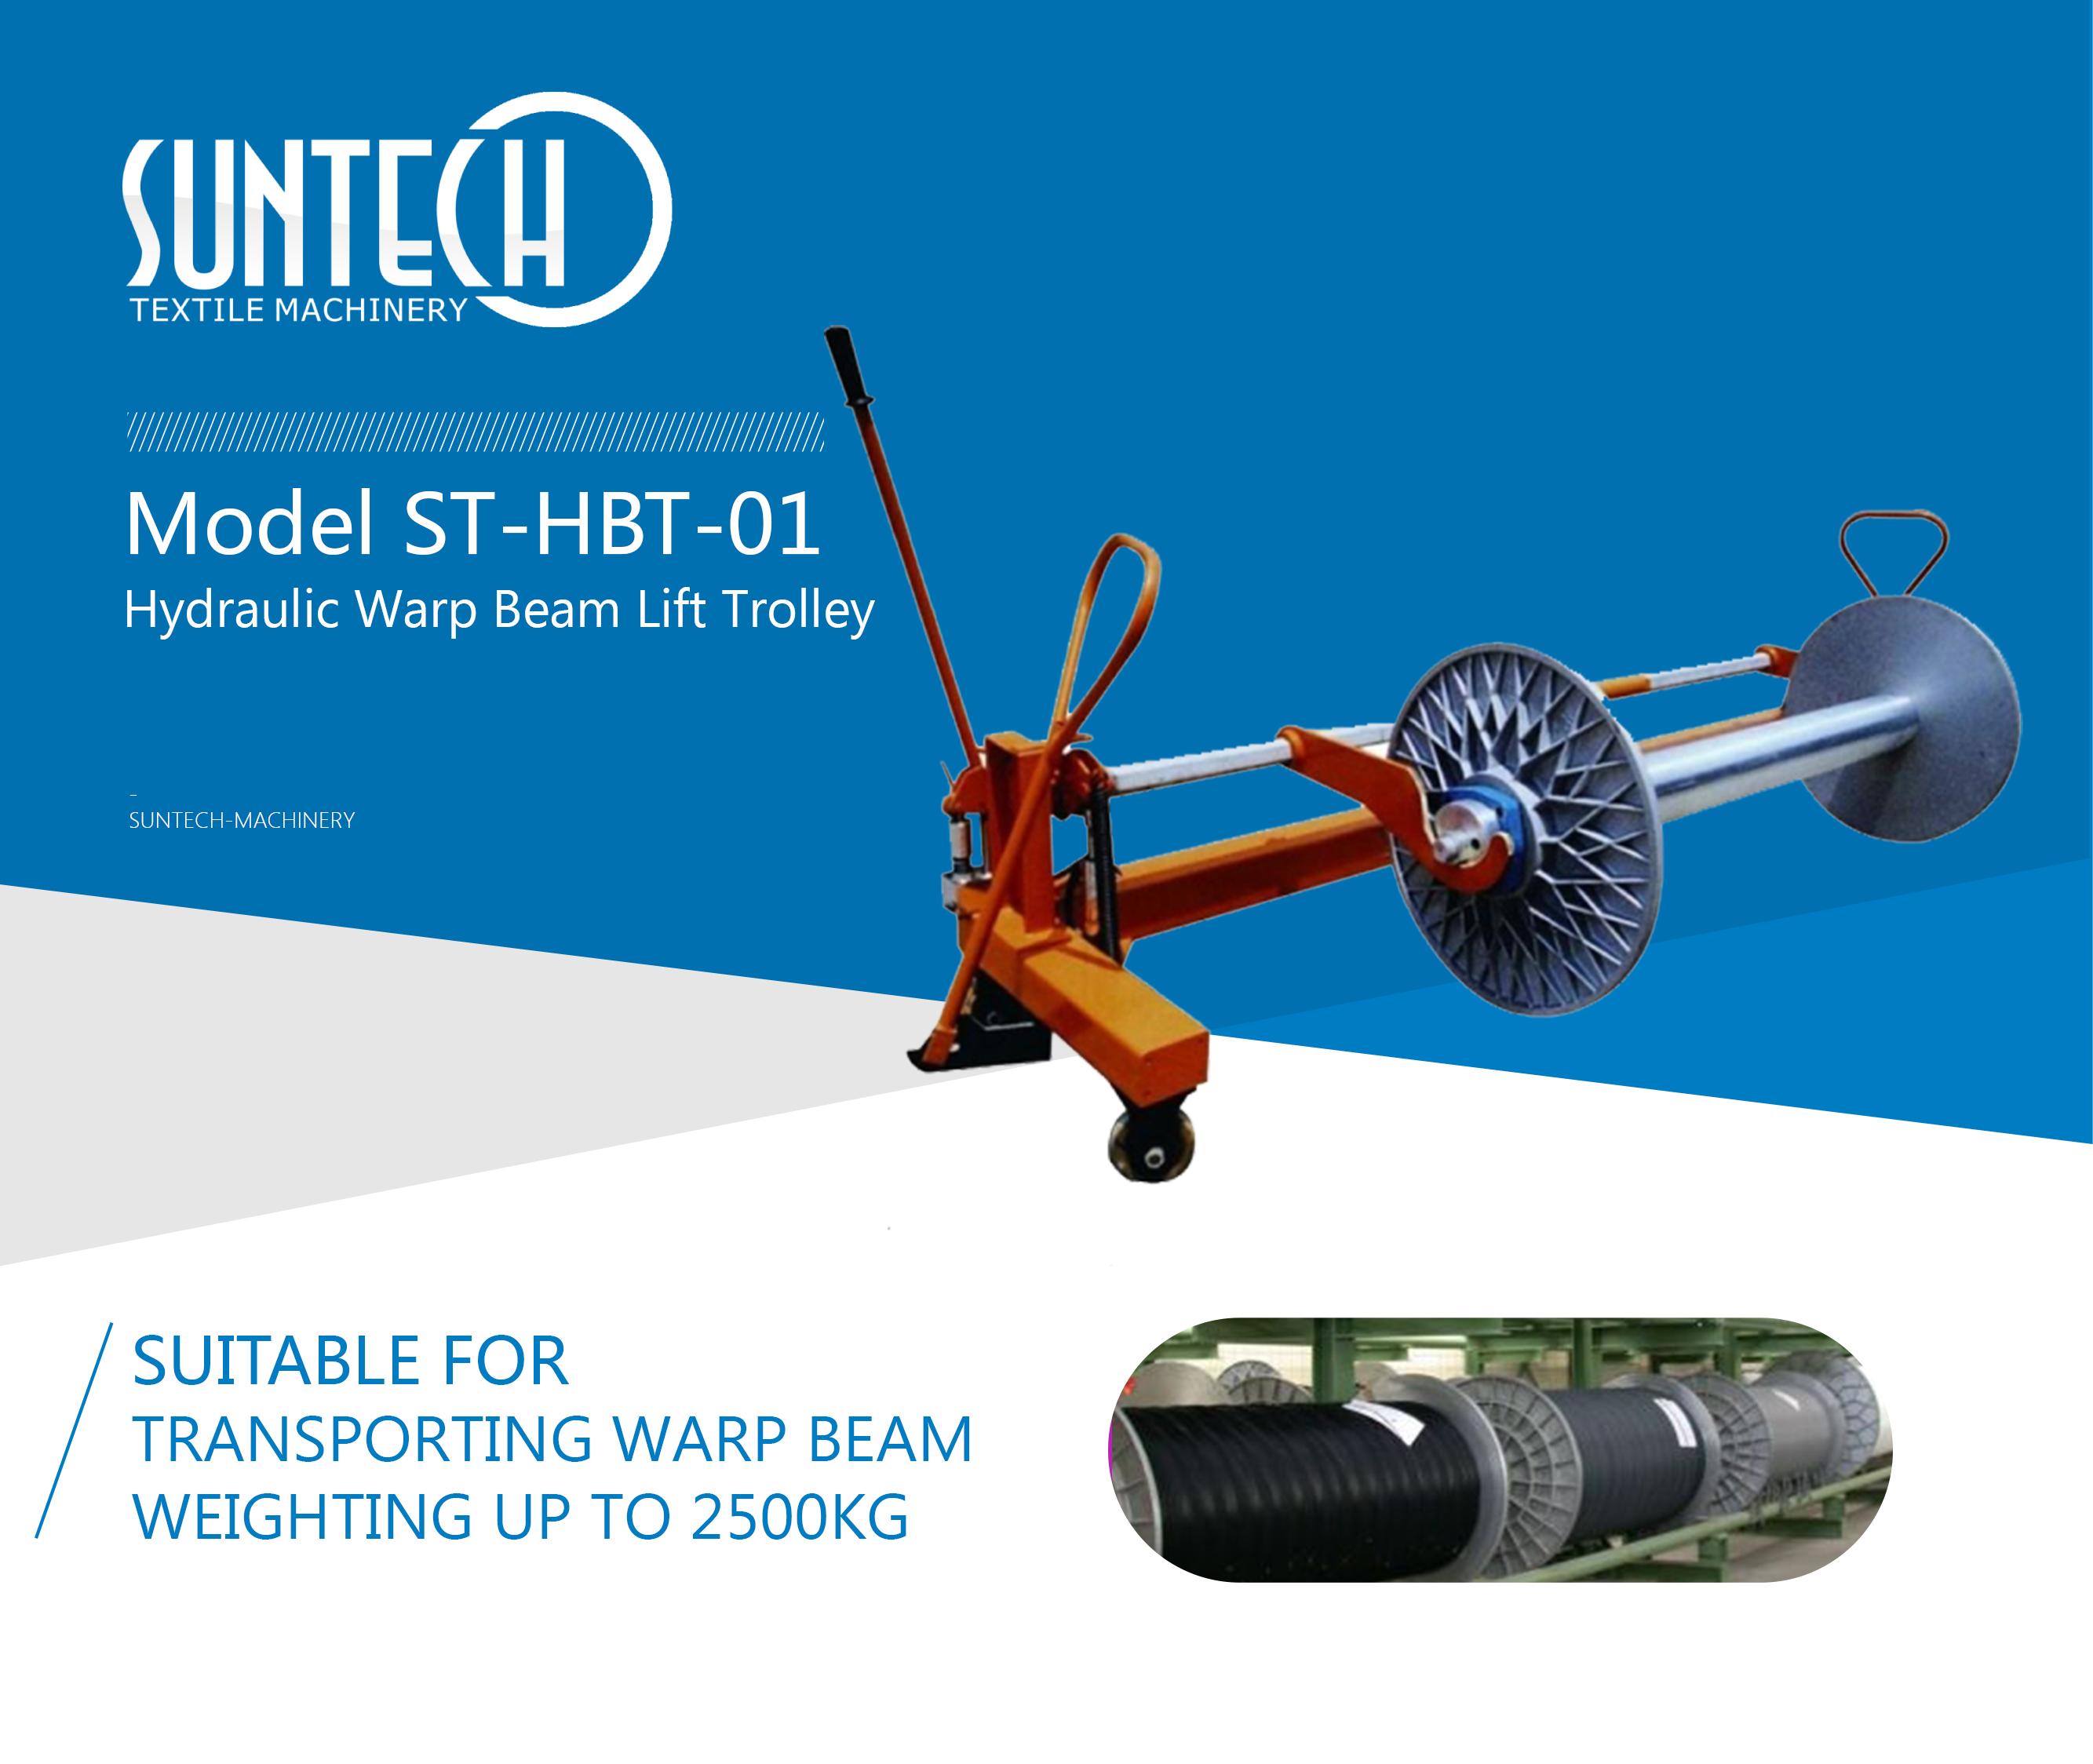 Hydraulic Warp Beam Lift Trolley